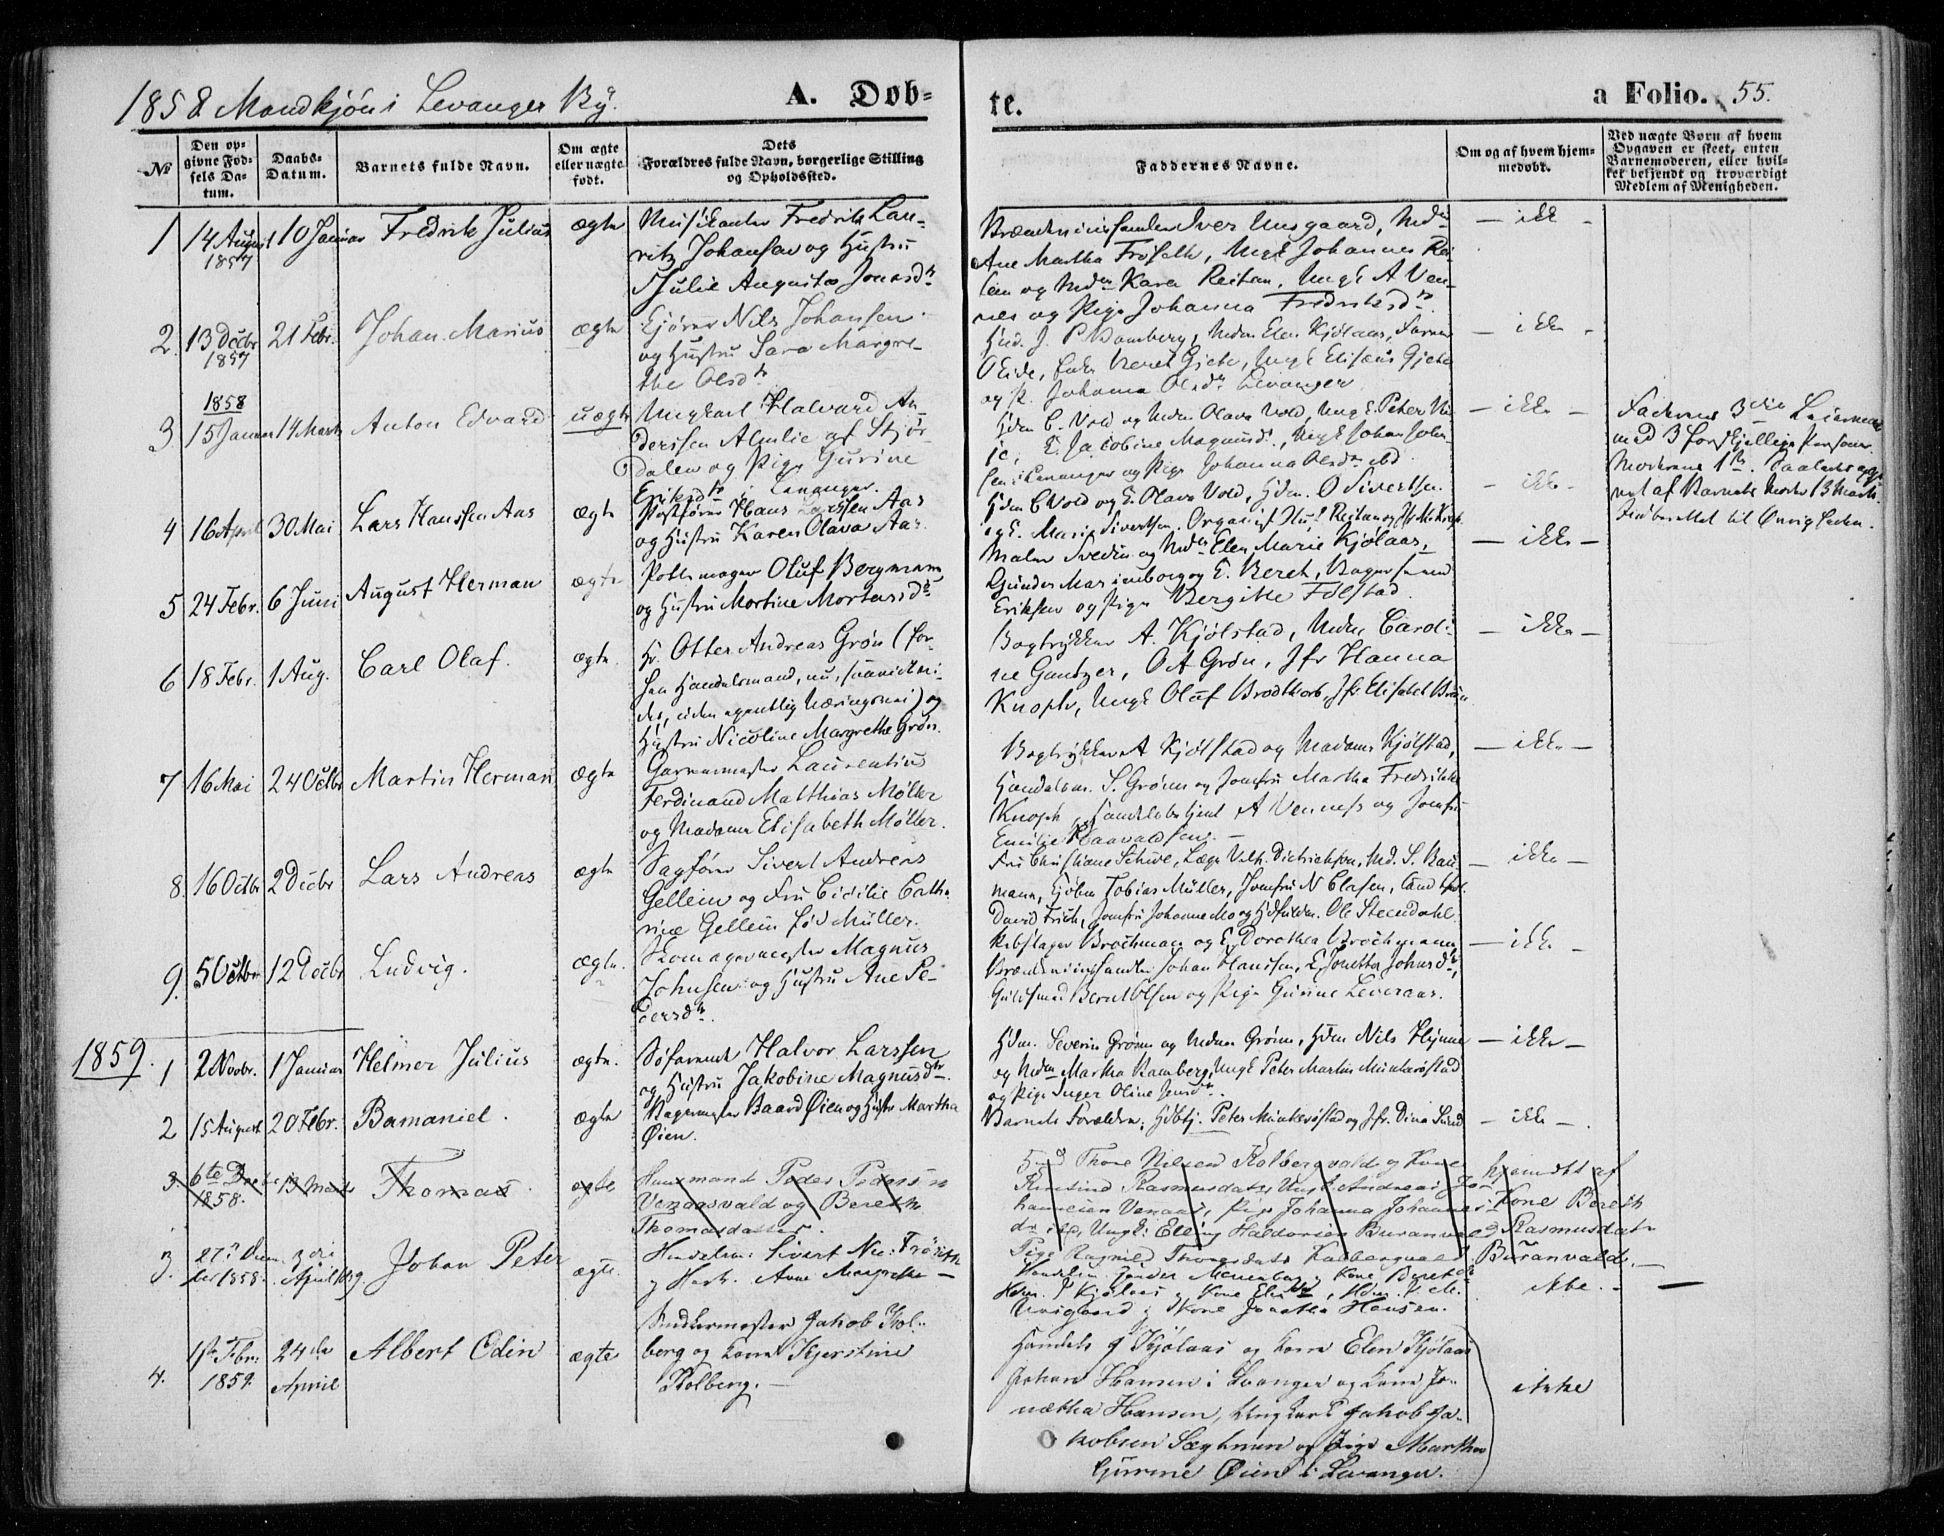 SAT, Ministerialprotokoller, klokkerbøker og fødselsregistre - Nord-Trøndelag, 720/L0184: Ministerialbok nr. 720A02 /1, 1855-1863, s. 55